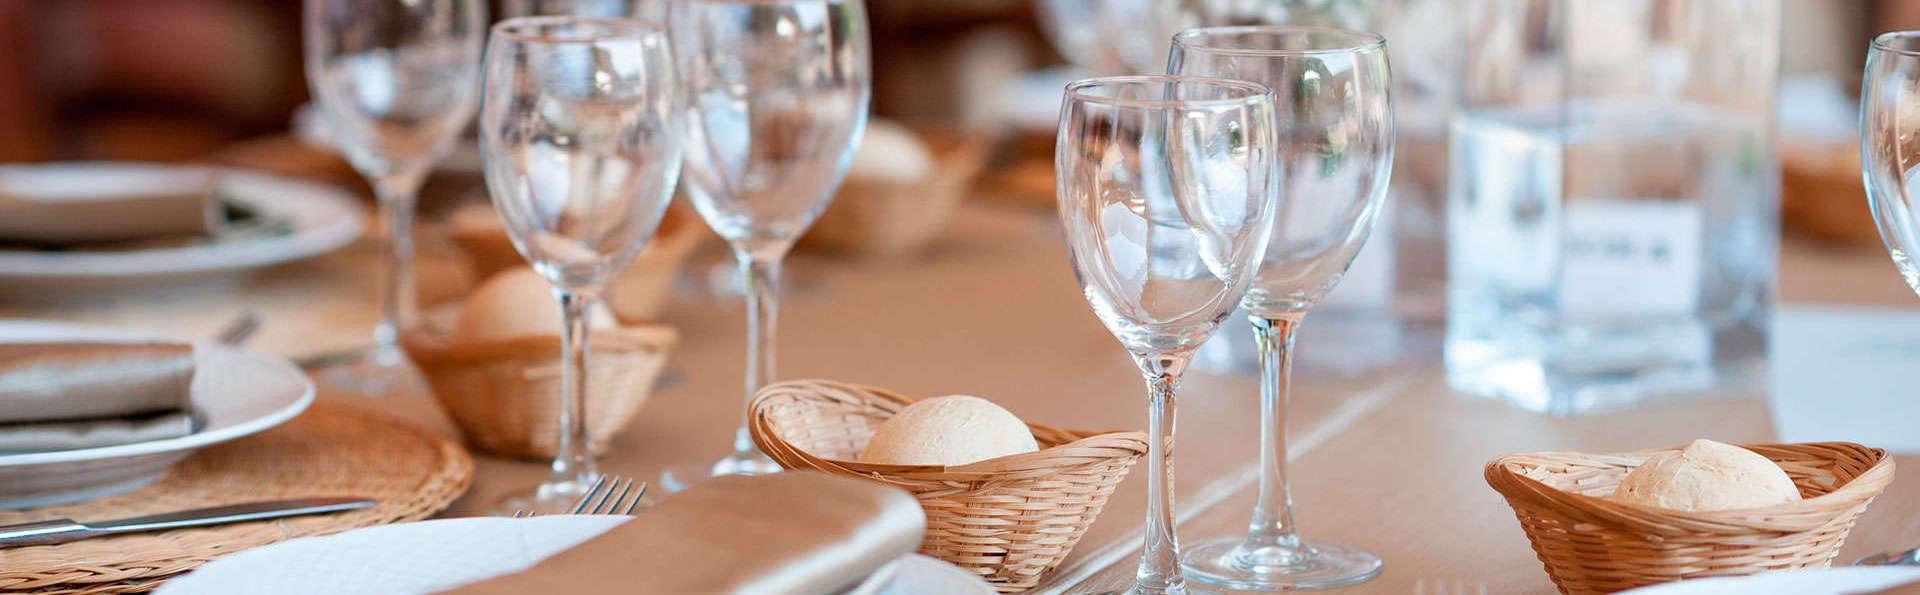 Découvrez la nature de Roccaraso dans une chambre quadruple avec dîner et excursion